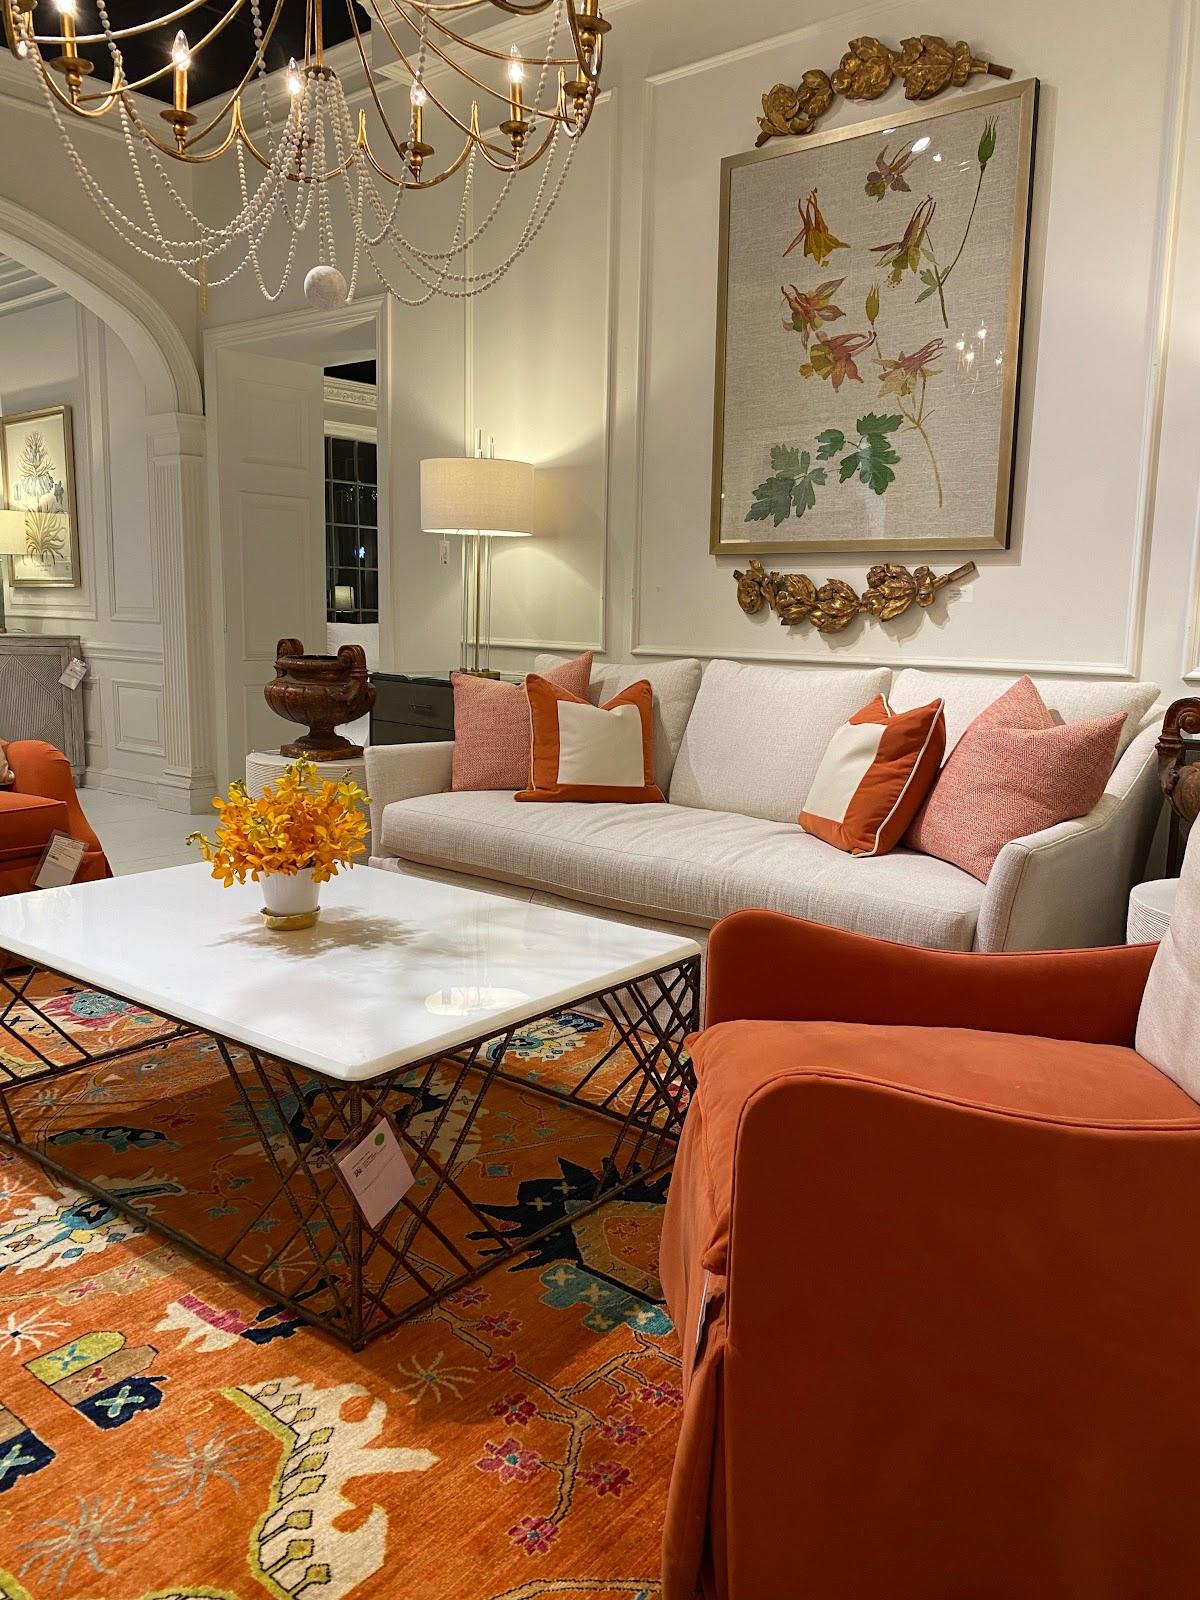 latest trends in interior design 2021 home decor warm colors orange